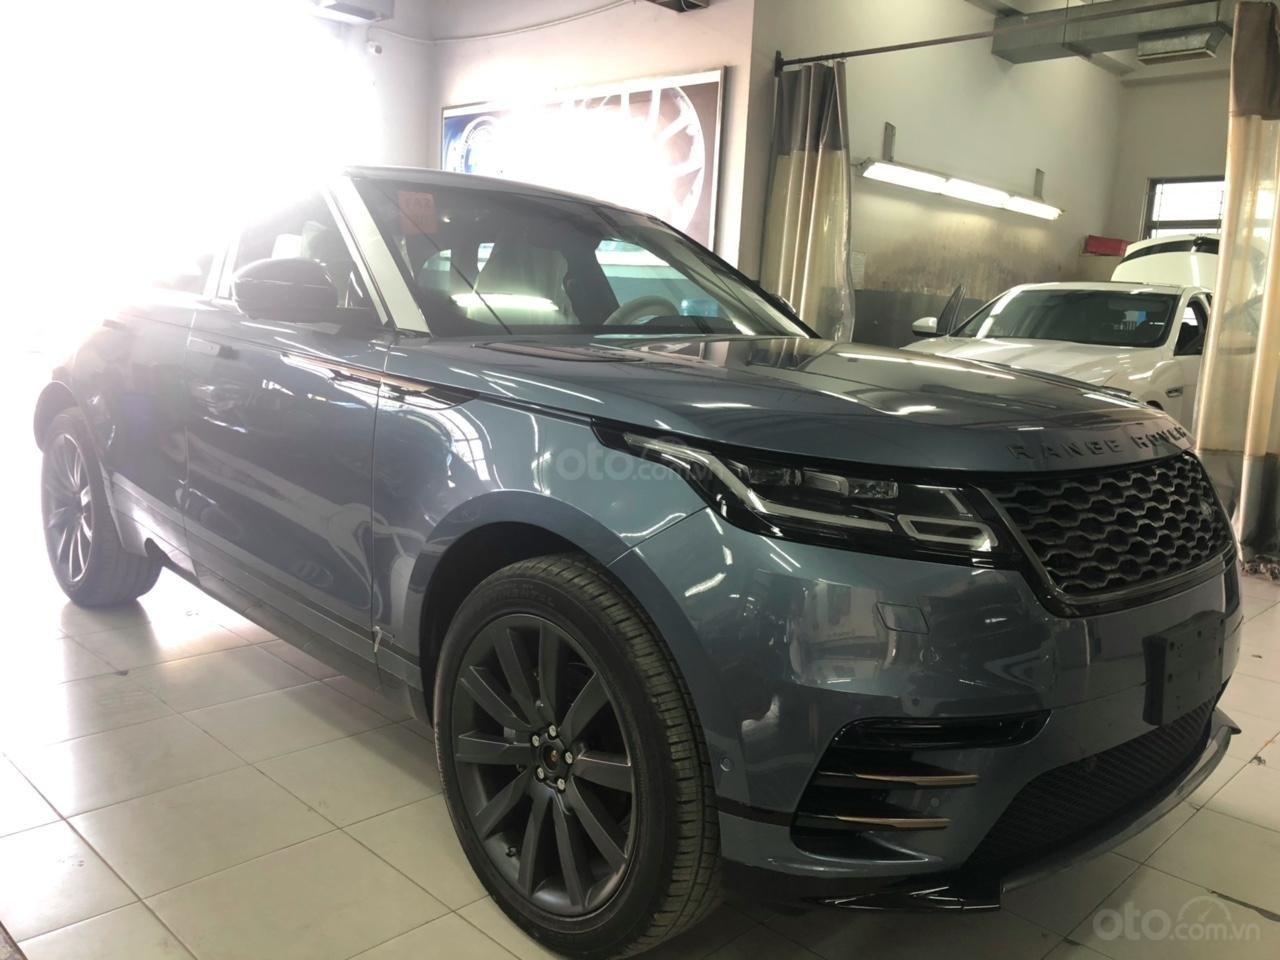 Bán xe Range Rover Velar Dynamic SE 2019 màu xanh, đỏ, đen, trắng màu đồng, bạc - xe giao ngay - 0932222253 (3)